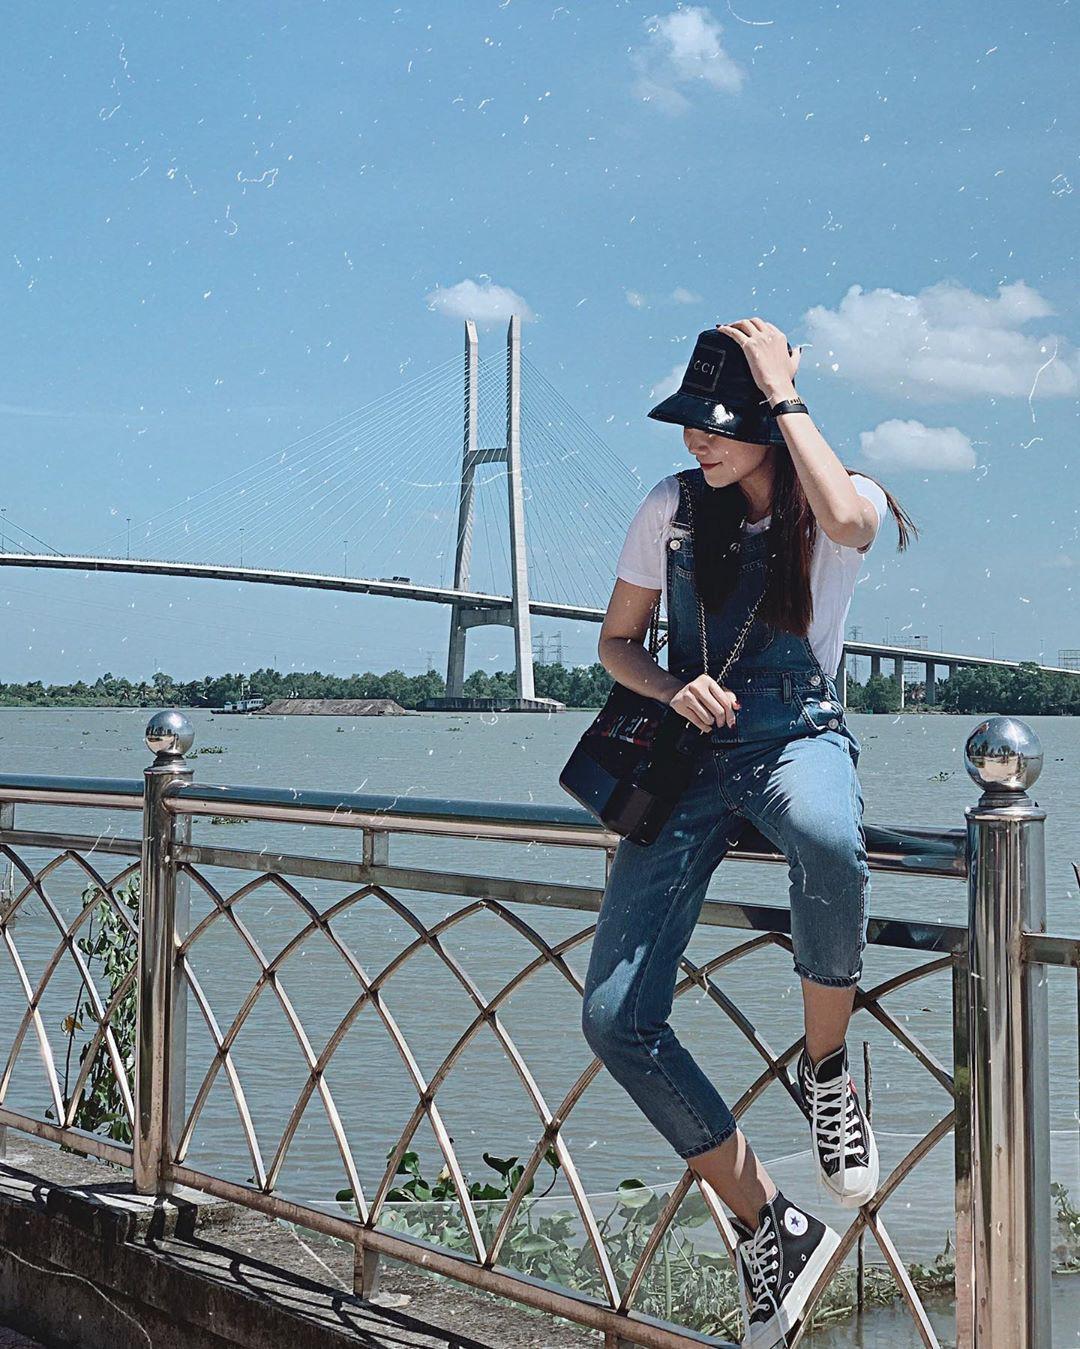 """Phục lăn tài hack tuổi của Hà Tăng, Thanh Hằng, Mỹ Tâm: Đã ngoài 30 mà vẫn tự tin mặc quần yếm """"cute lạc lối"""" - Ảnh 2"""